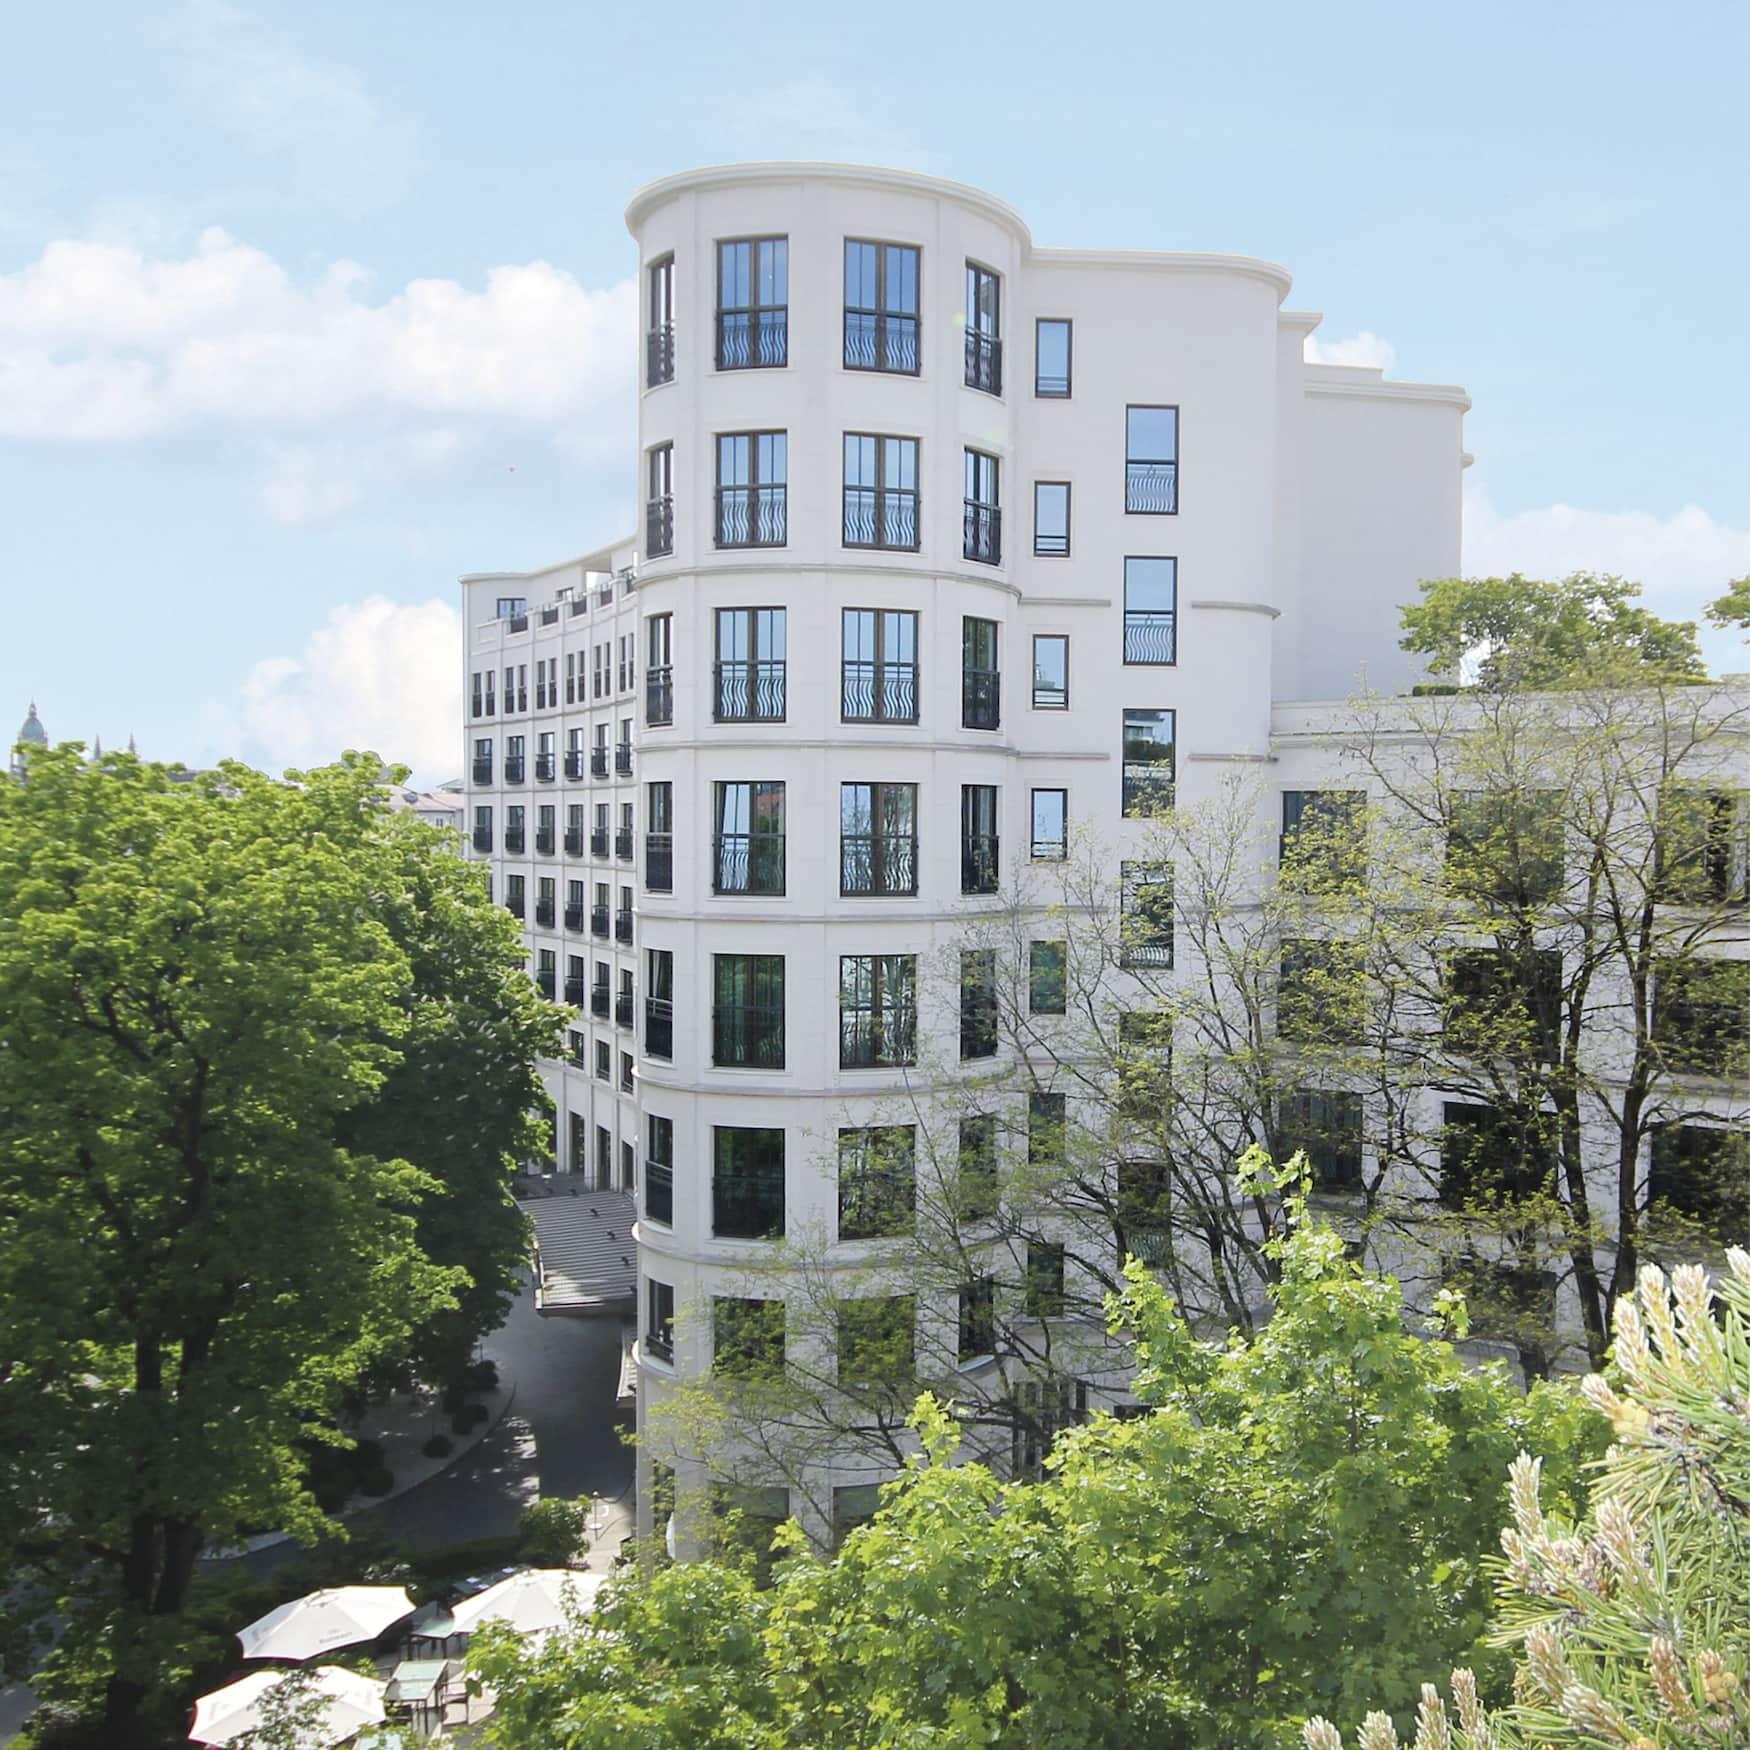 Außenfassade eines Grandhotels in München umgeben von grünen Bäumen